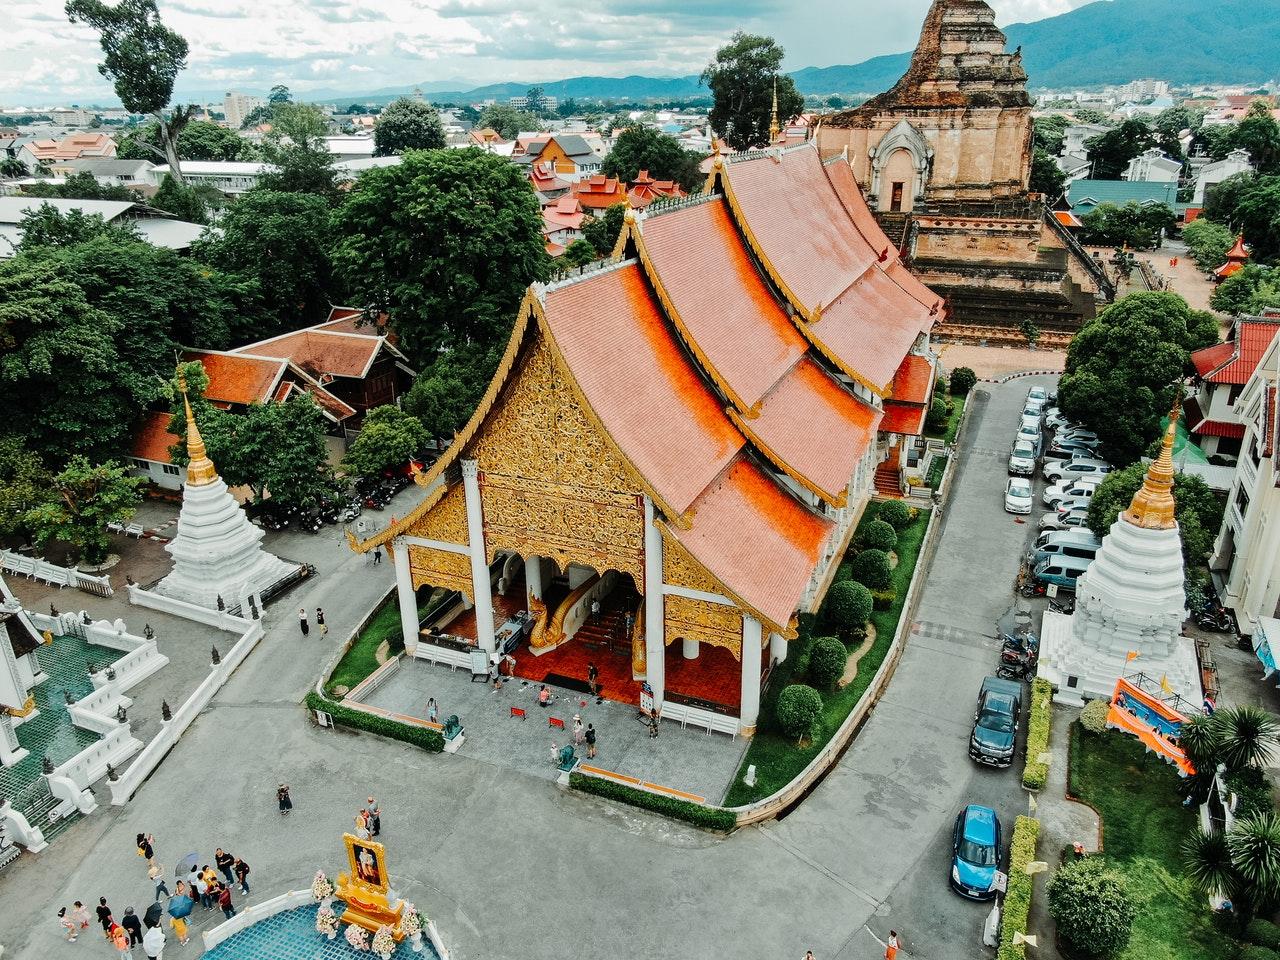 Op vakantie naar Chiang Mai